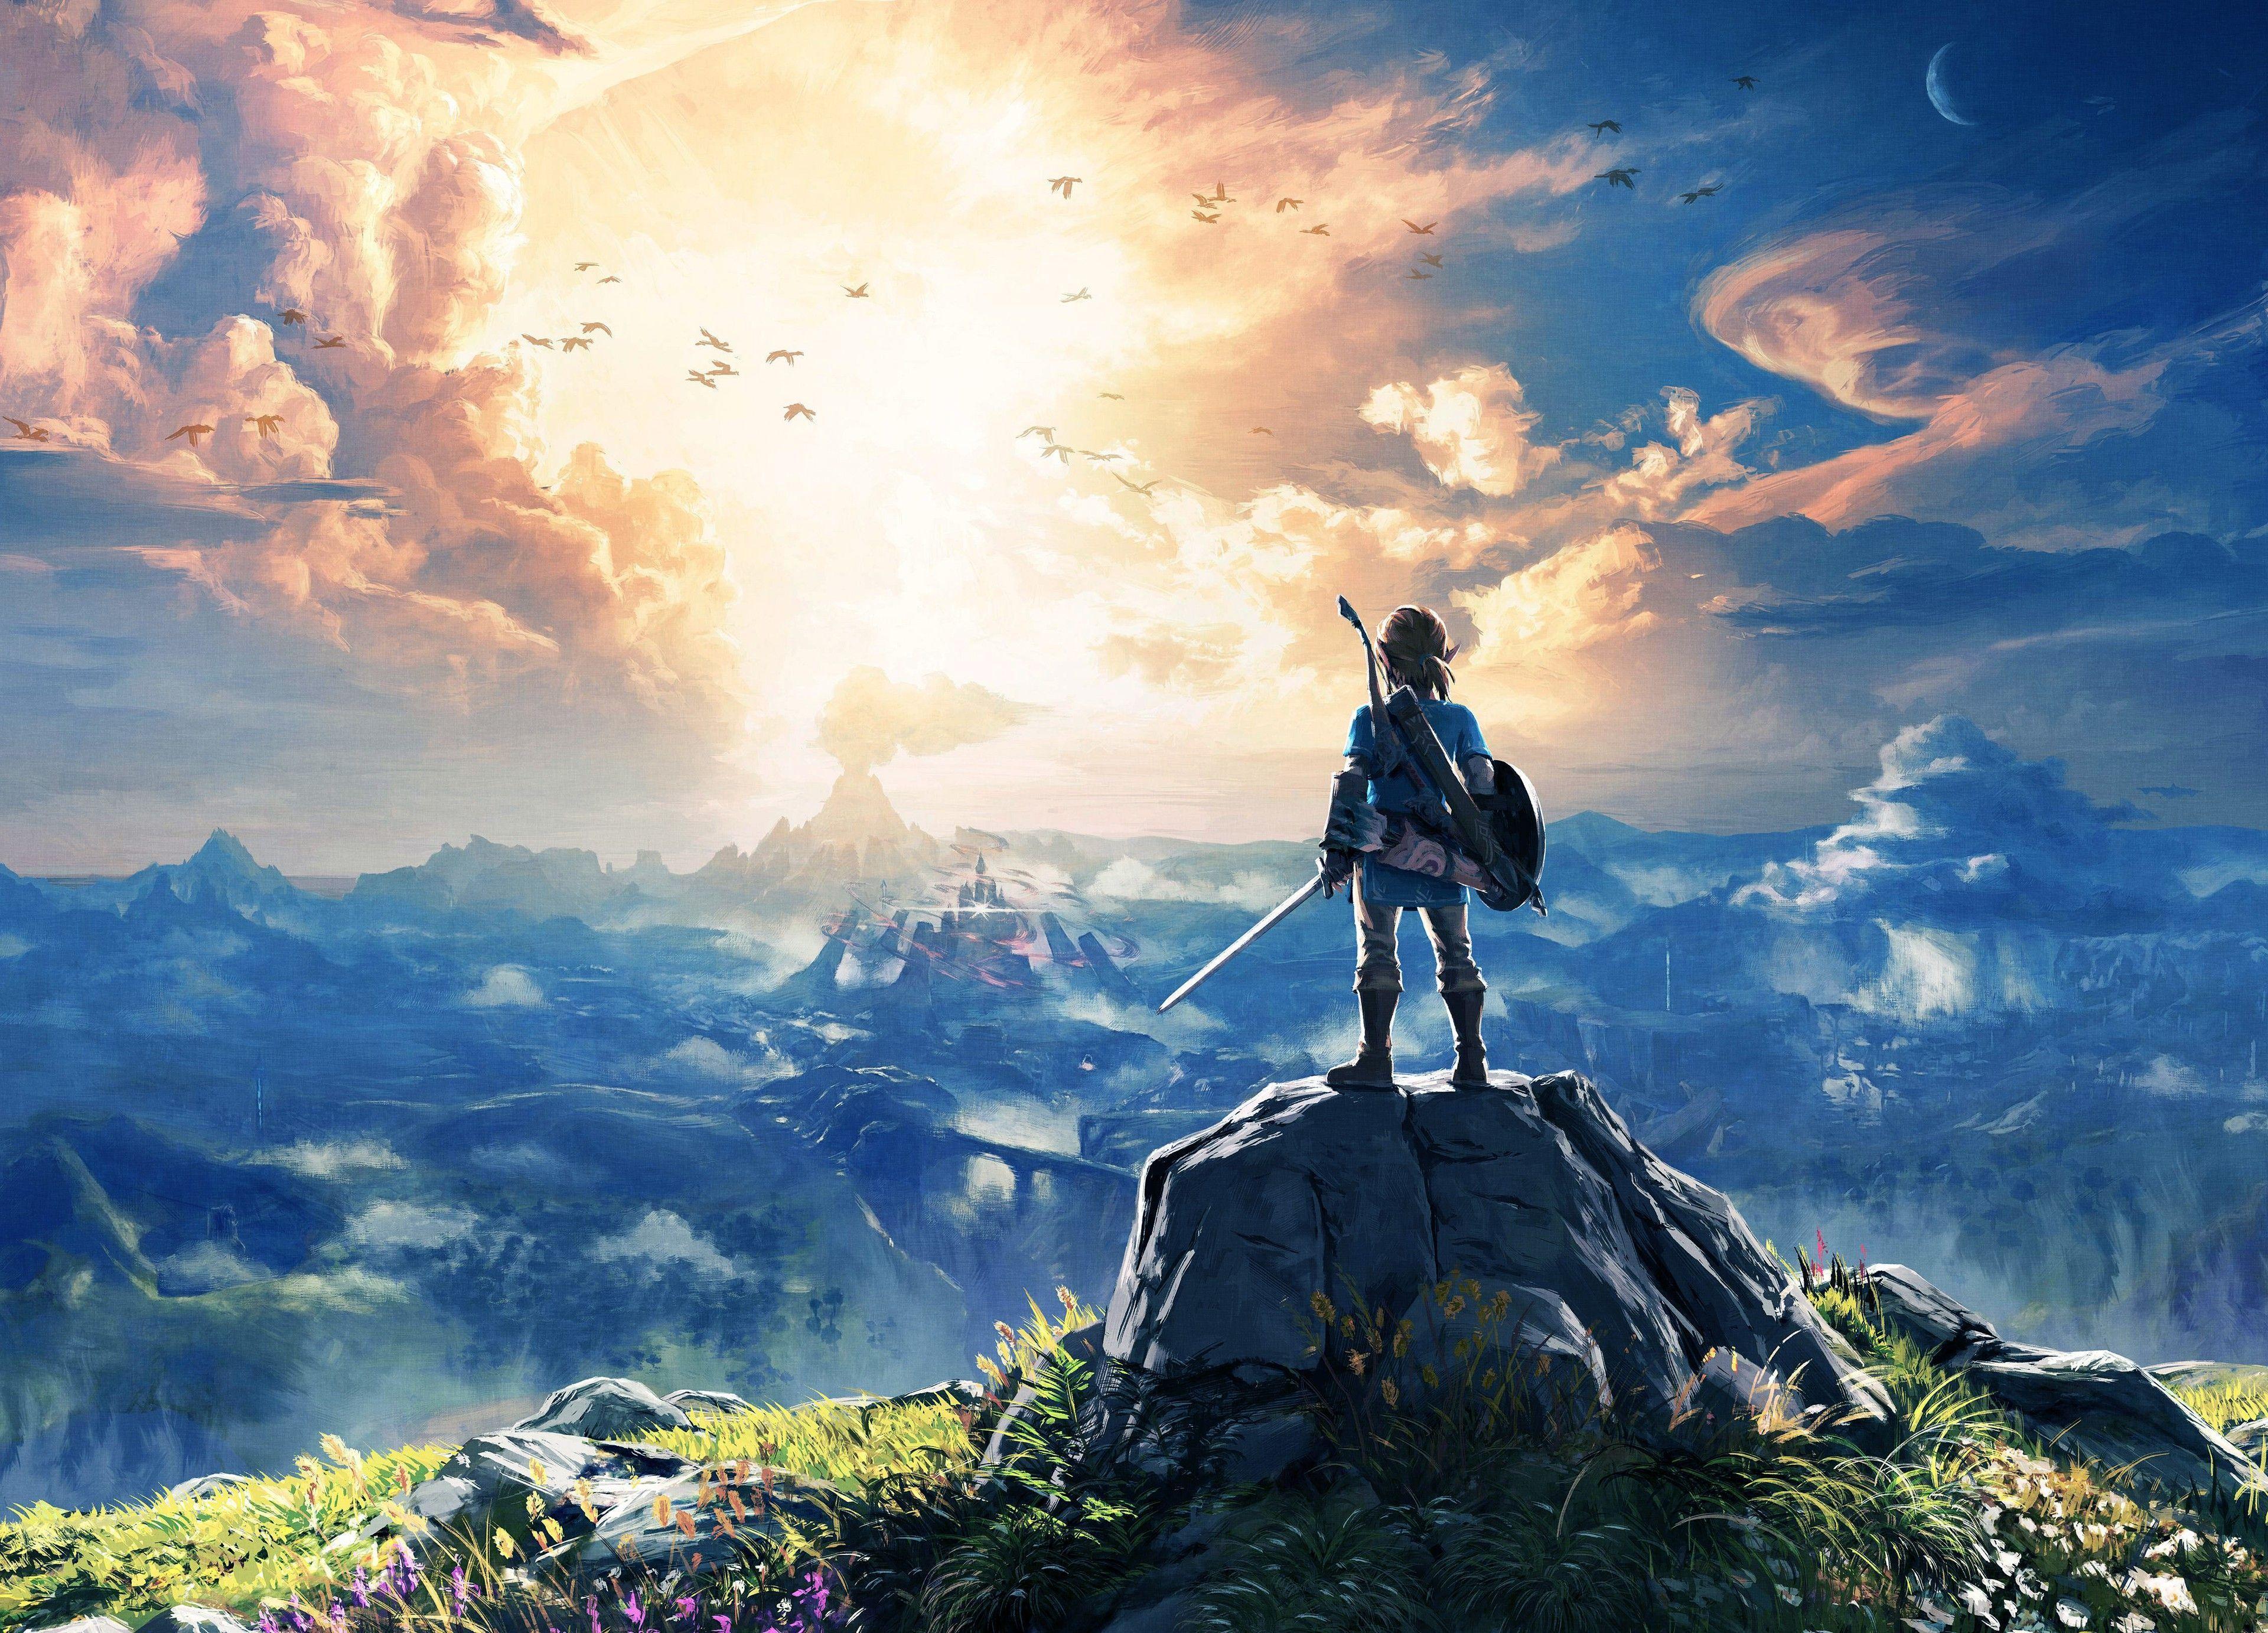 Zelda Botw Wallpapers Top Free Zelda Botw Backgrounds